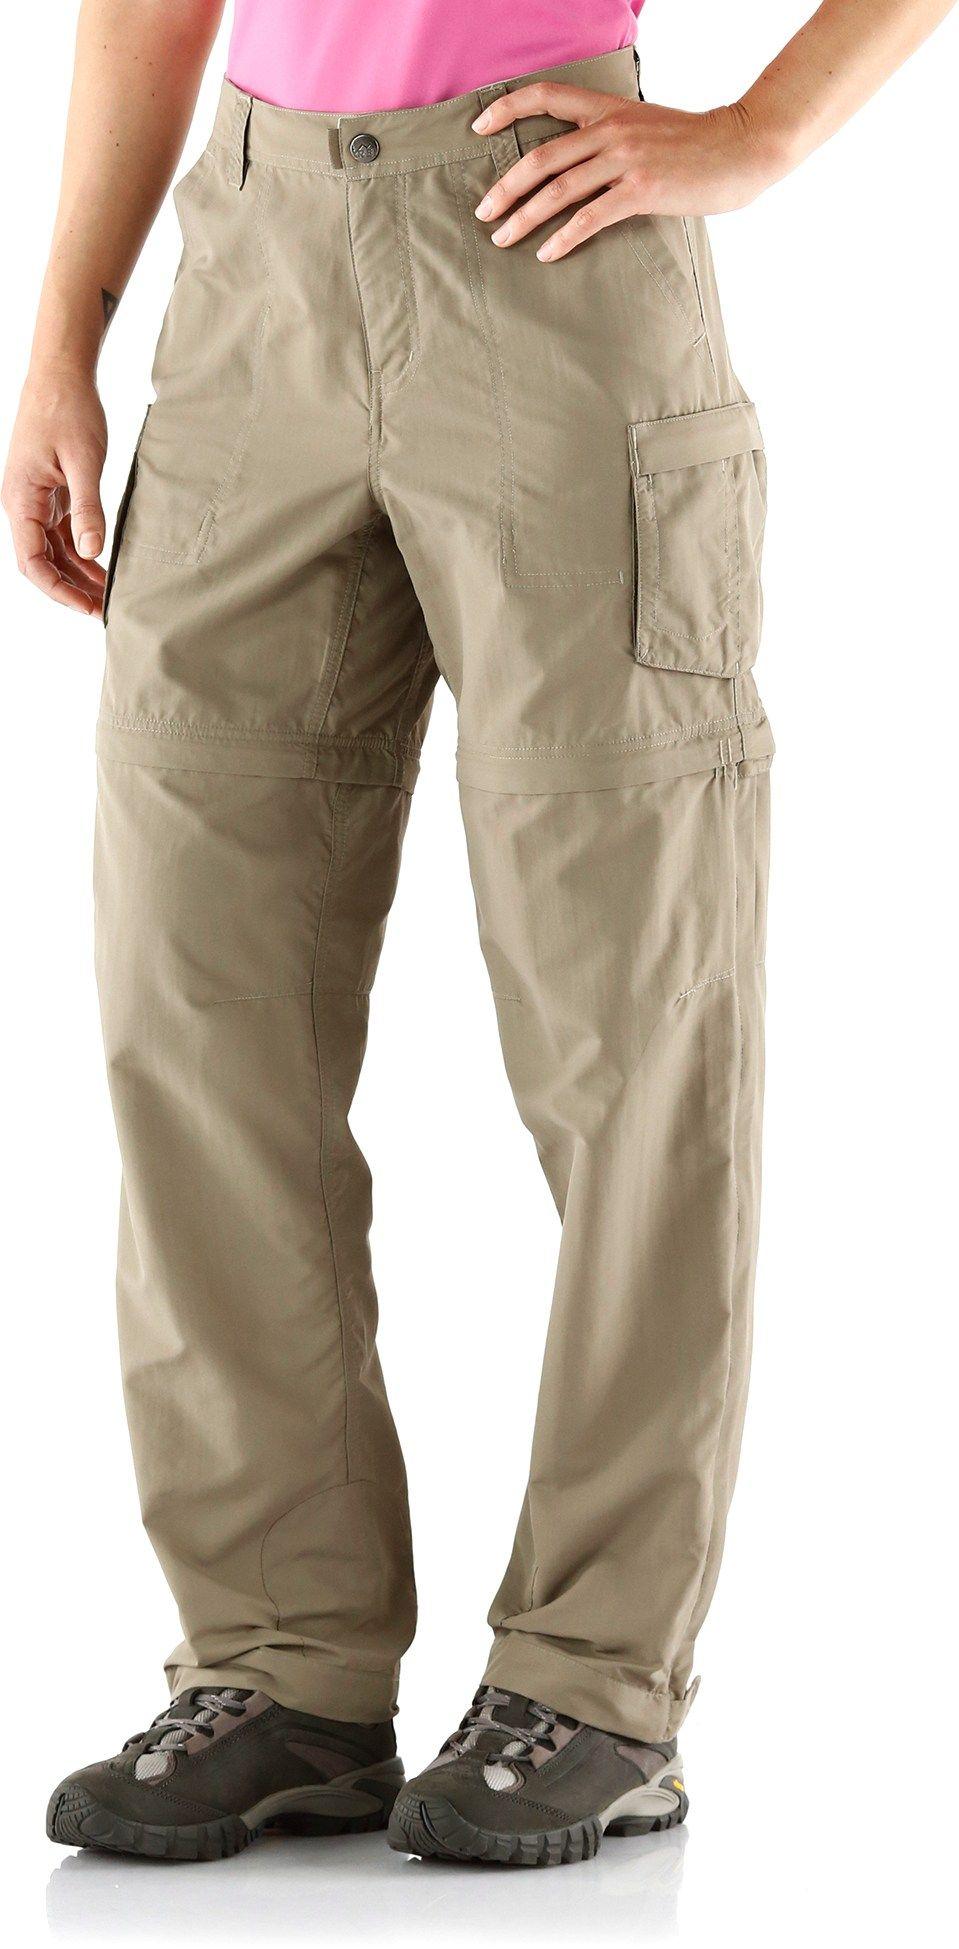 b536eae139 Co-op Classic Sahara Convertible Pants - Women's Petite | REI Co-op ...